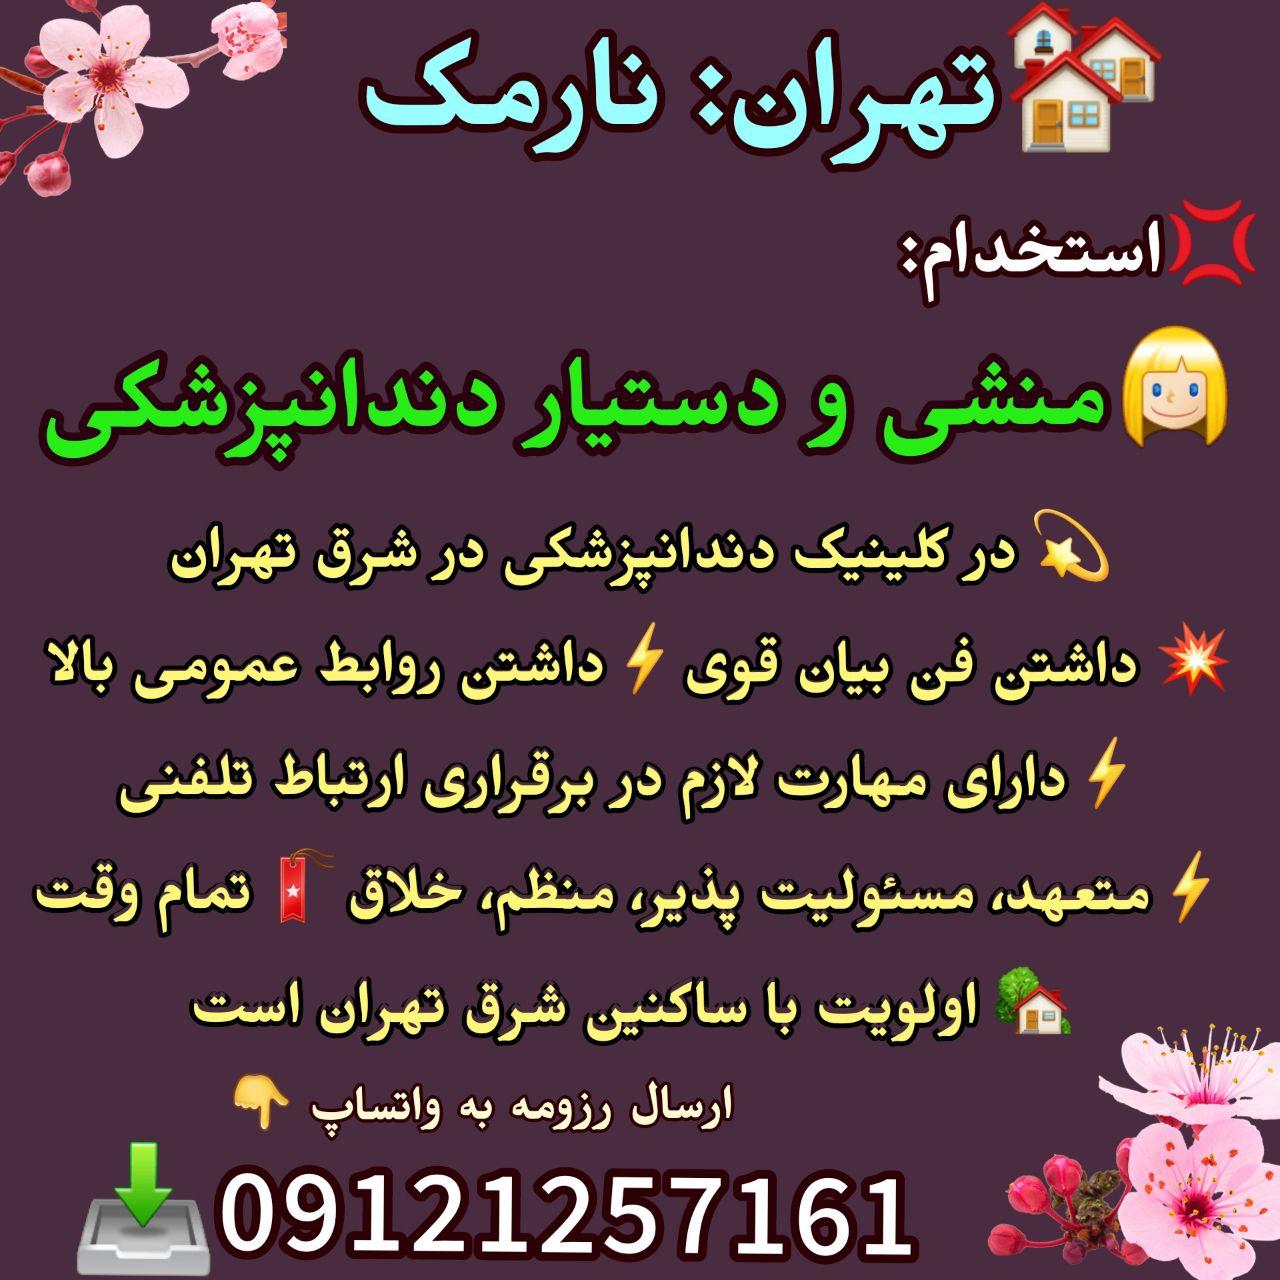 تهران: نارمک، استخدام منشی و دستیار دندانپزشکی